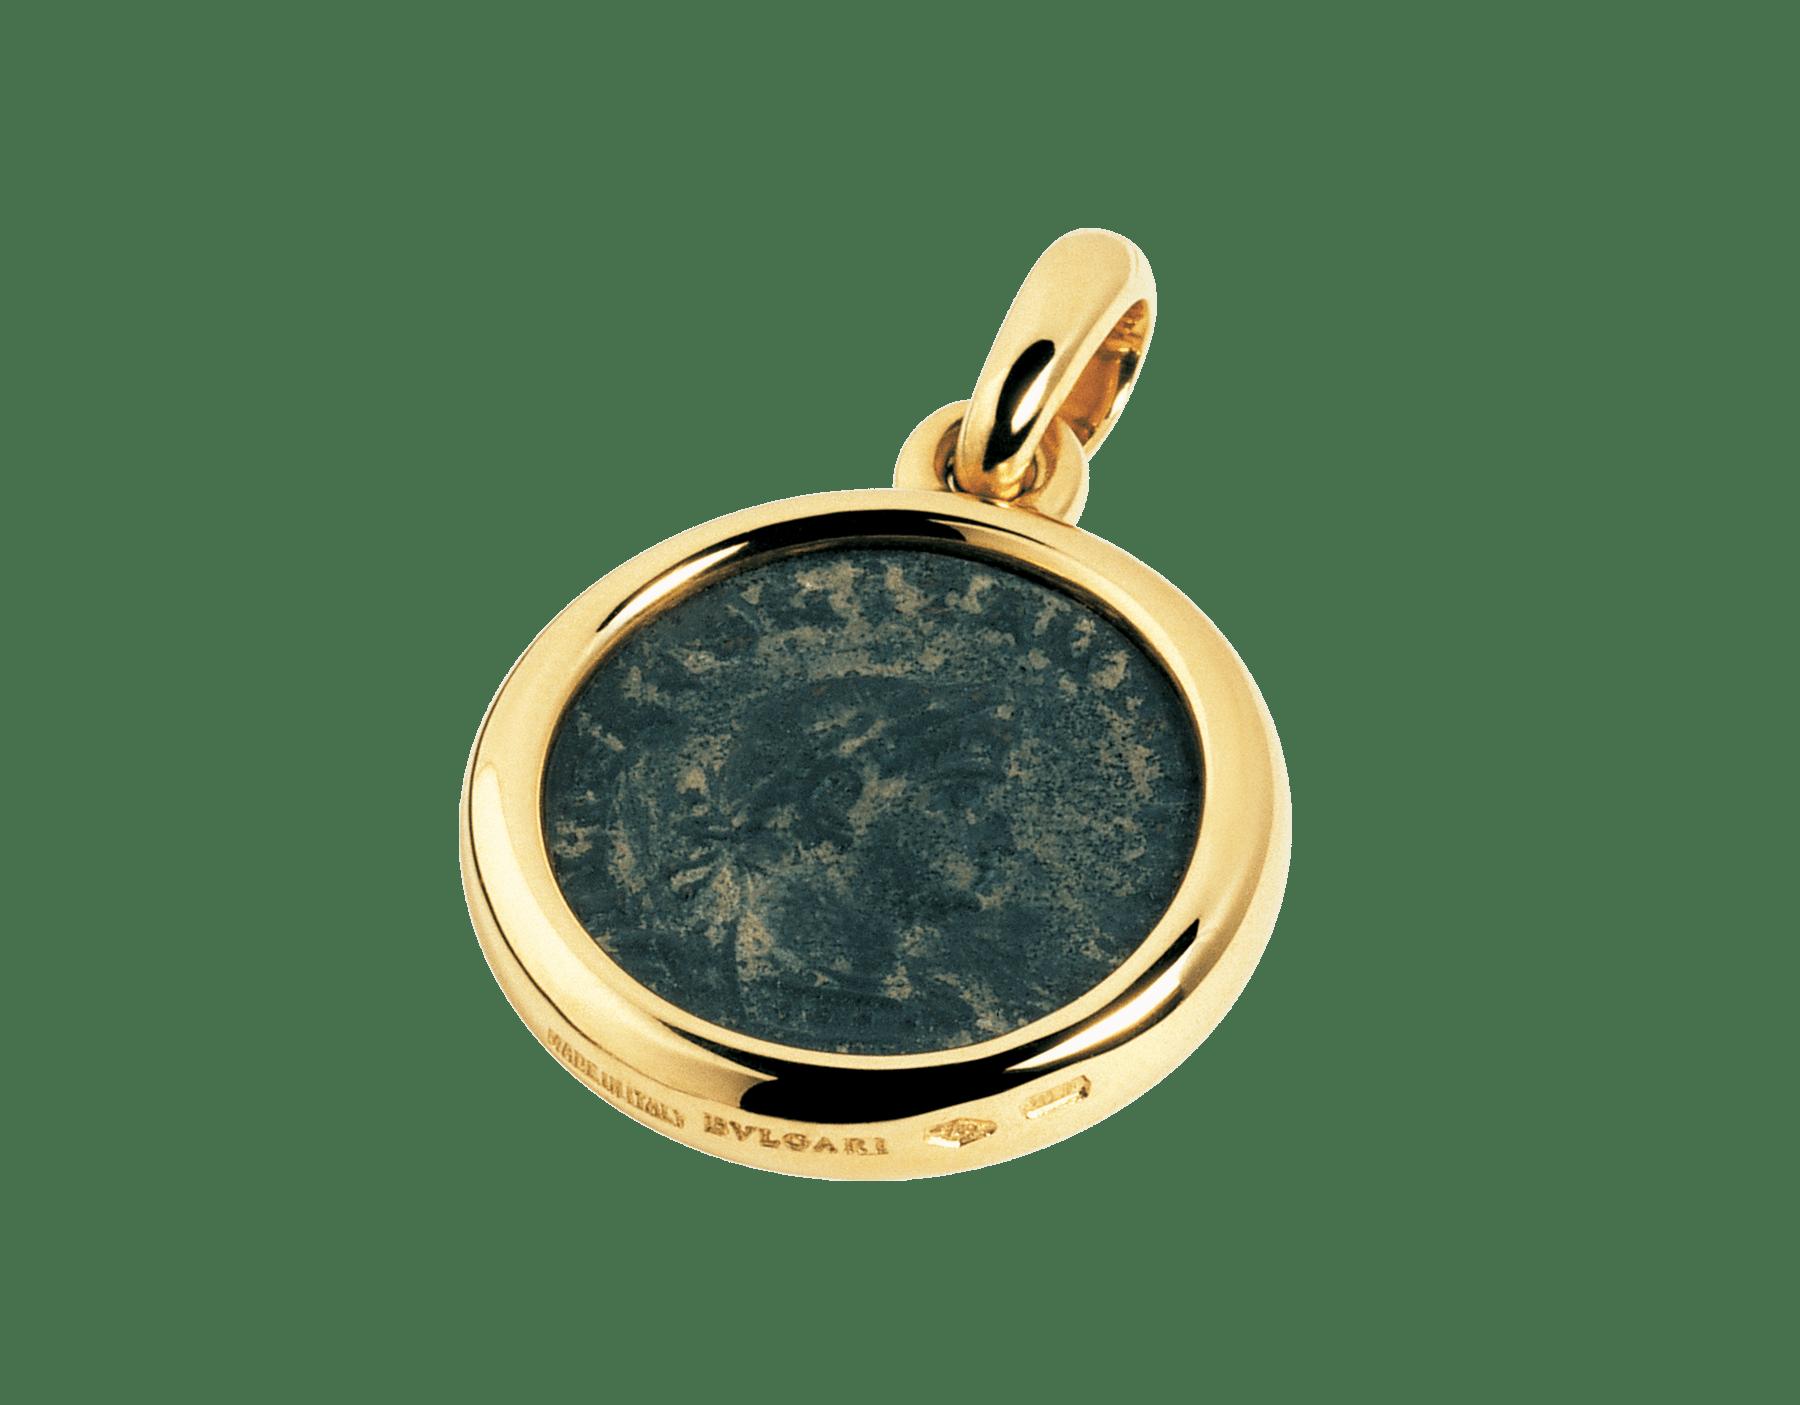 Pendentif Monete en or jaune 18K avec une pièce de monnaie antique 309243 image 1